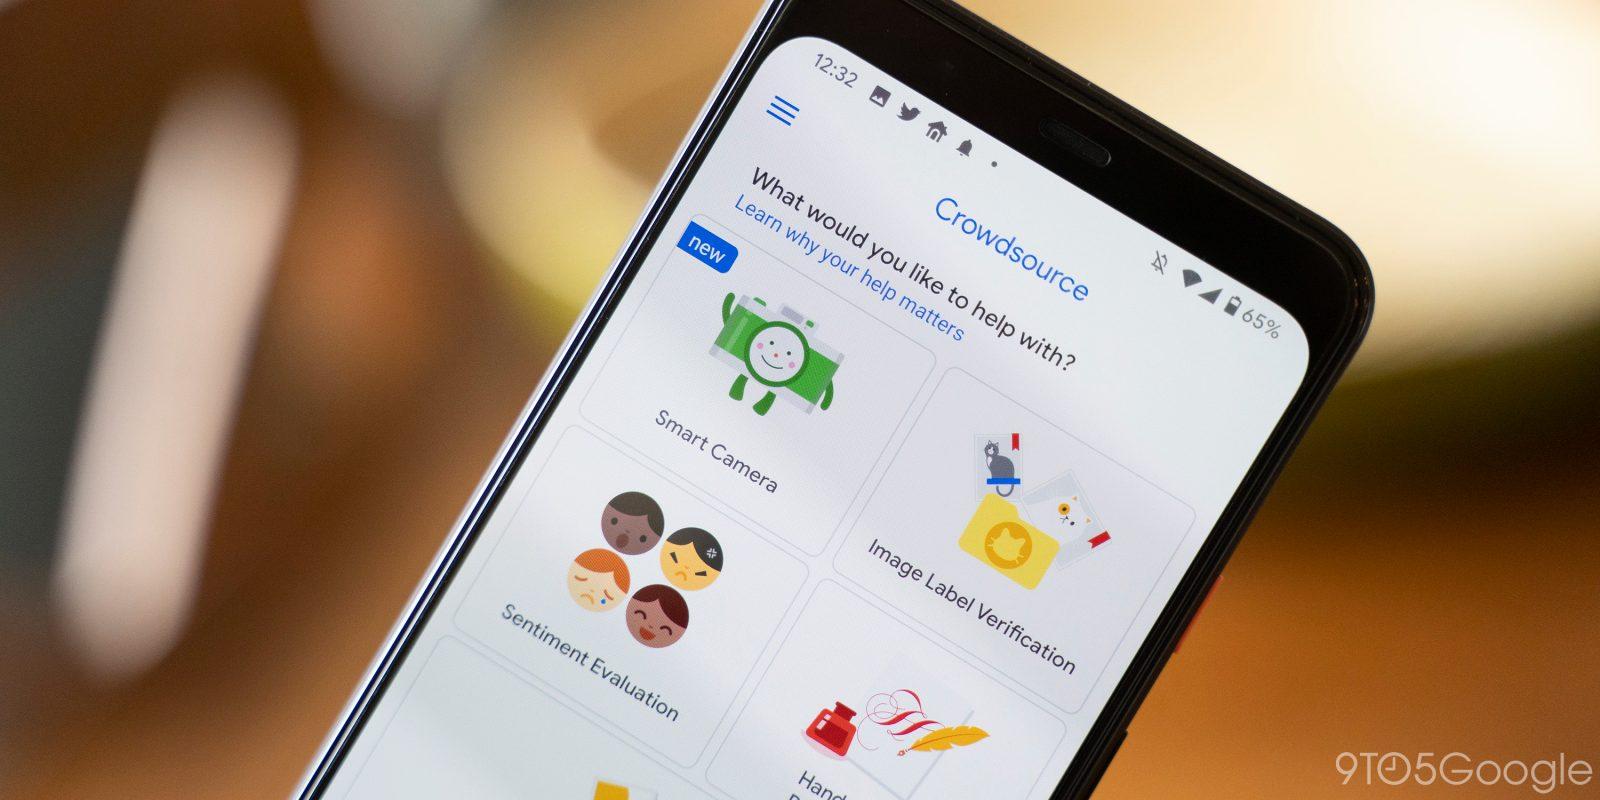 Ora Google Crowdsource mette in classifica i collaboratori e vi fa testare il riconoscimento degli oggetti (foto)